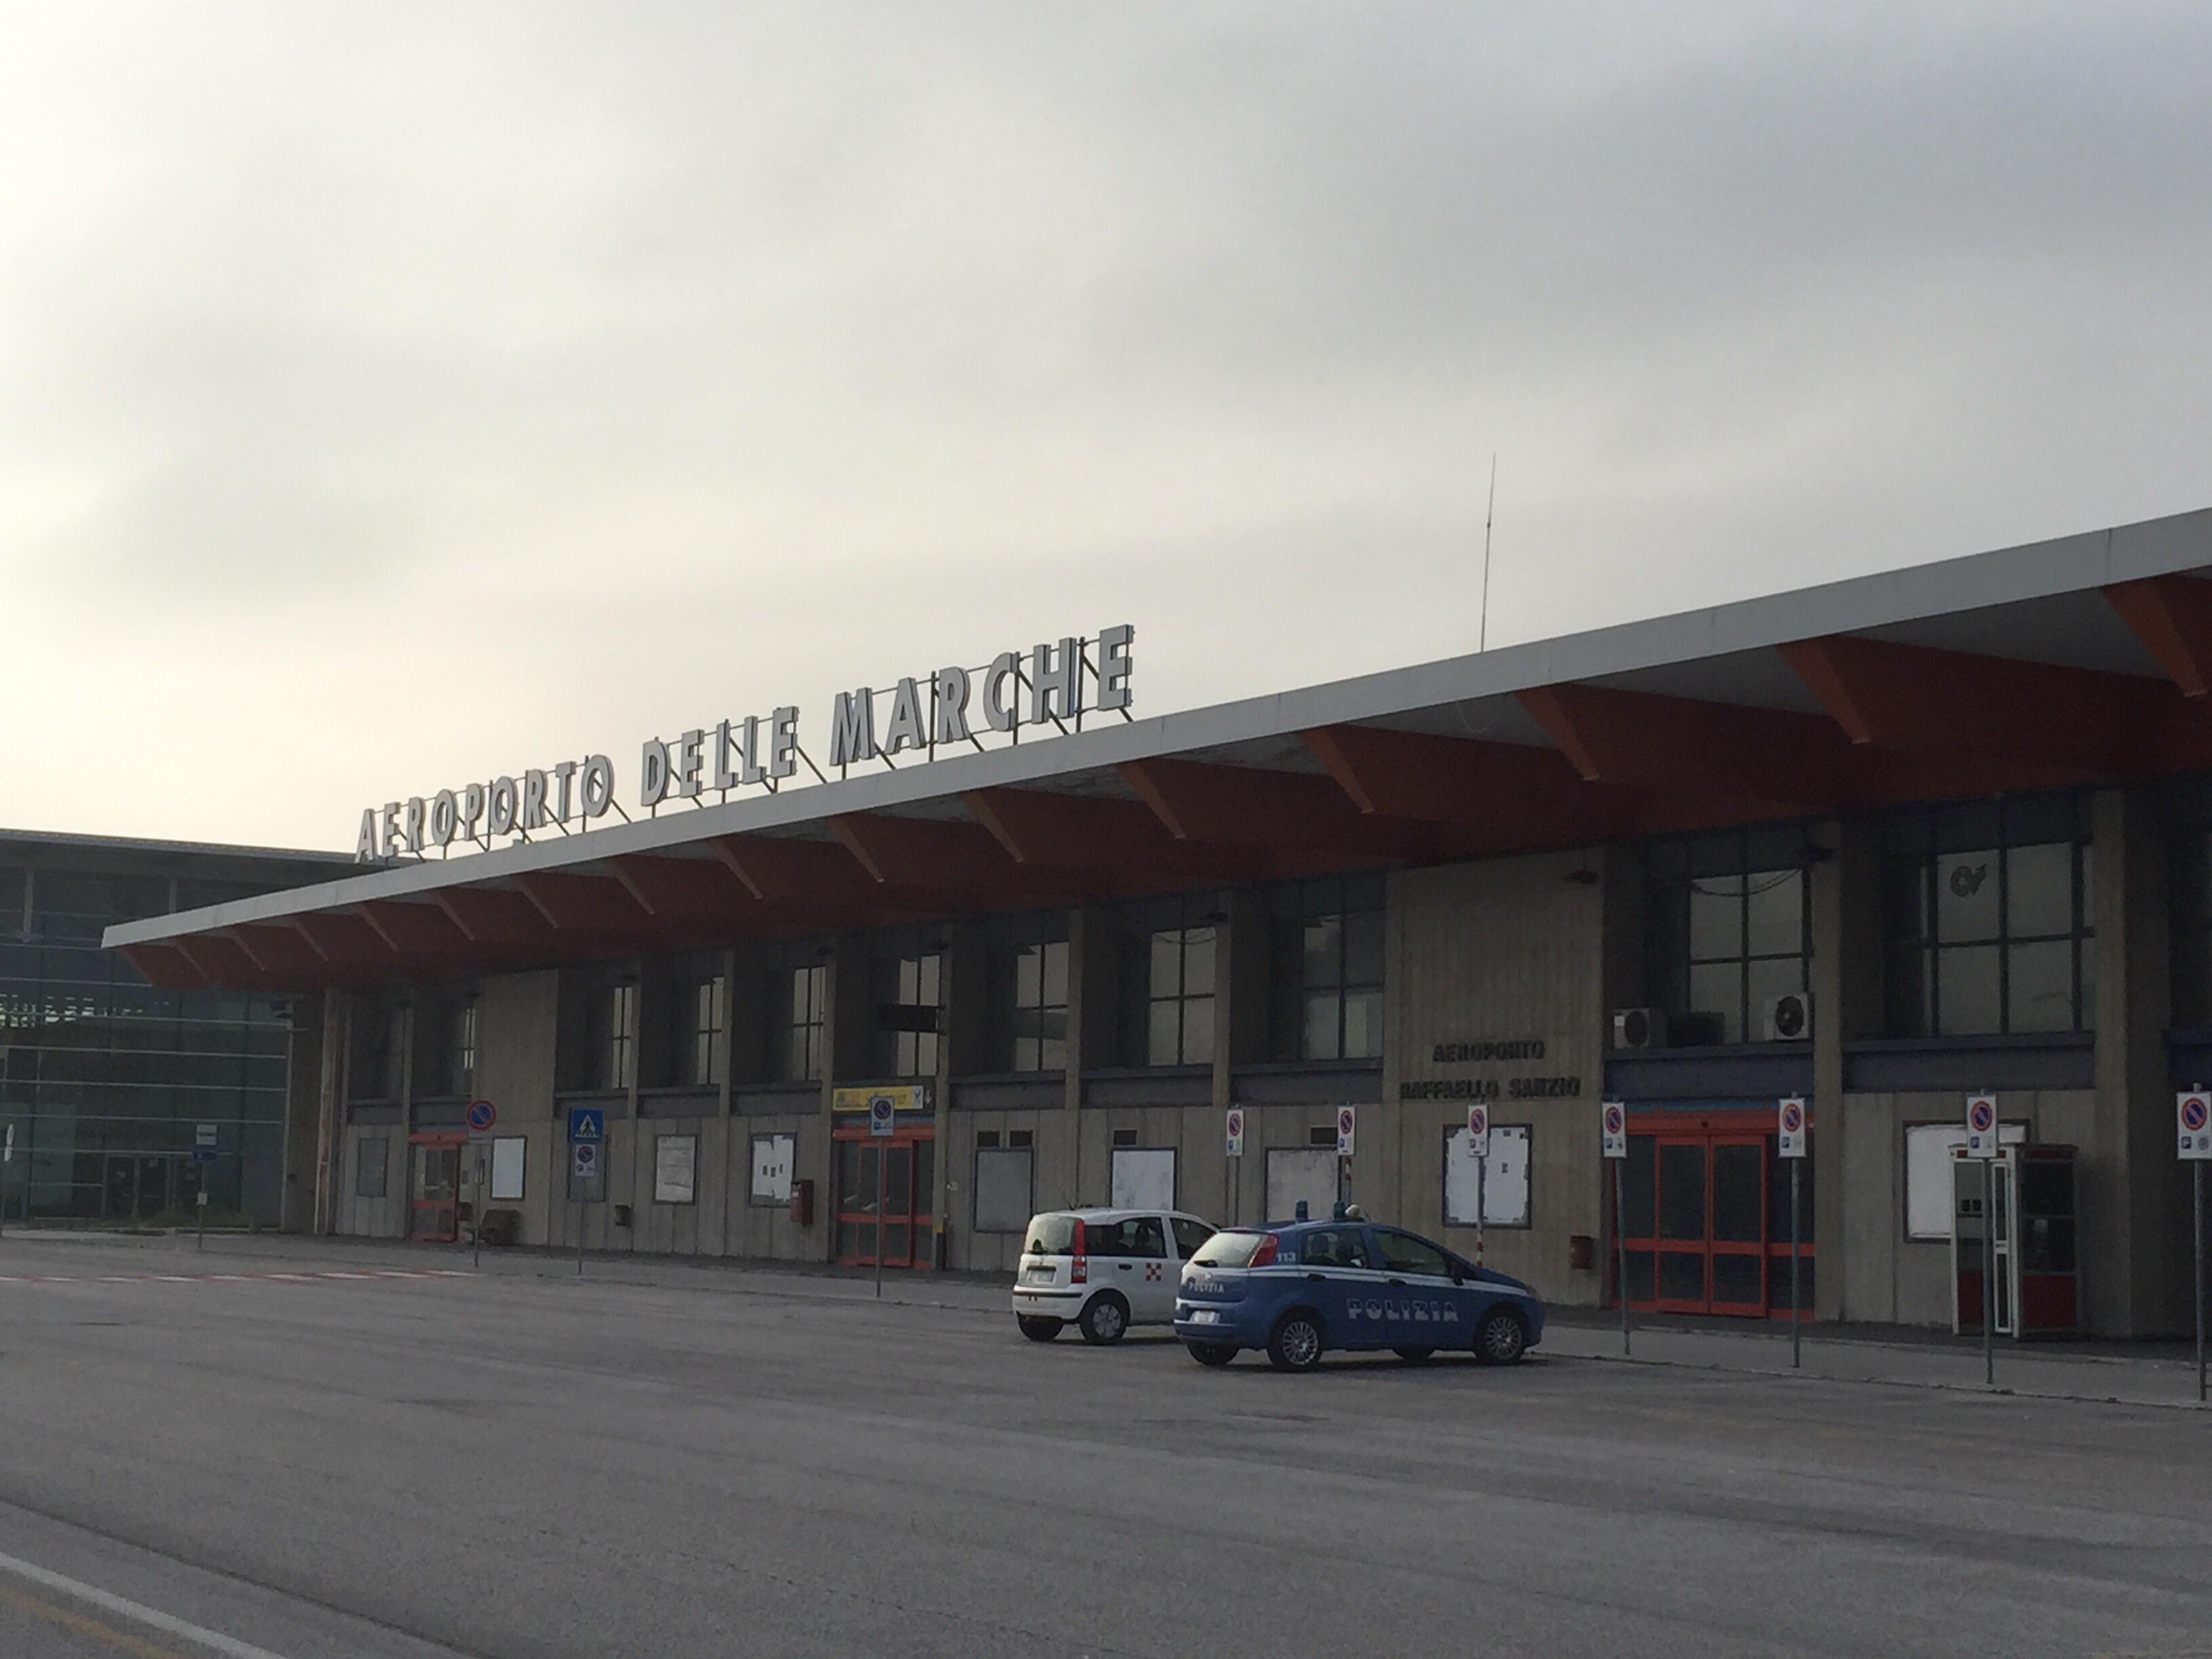 Aeroporto delle Marche, per 14 lavoratori potrebbe aprirsi la procedura di mobilità